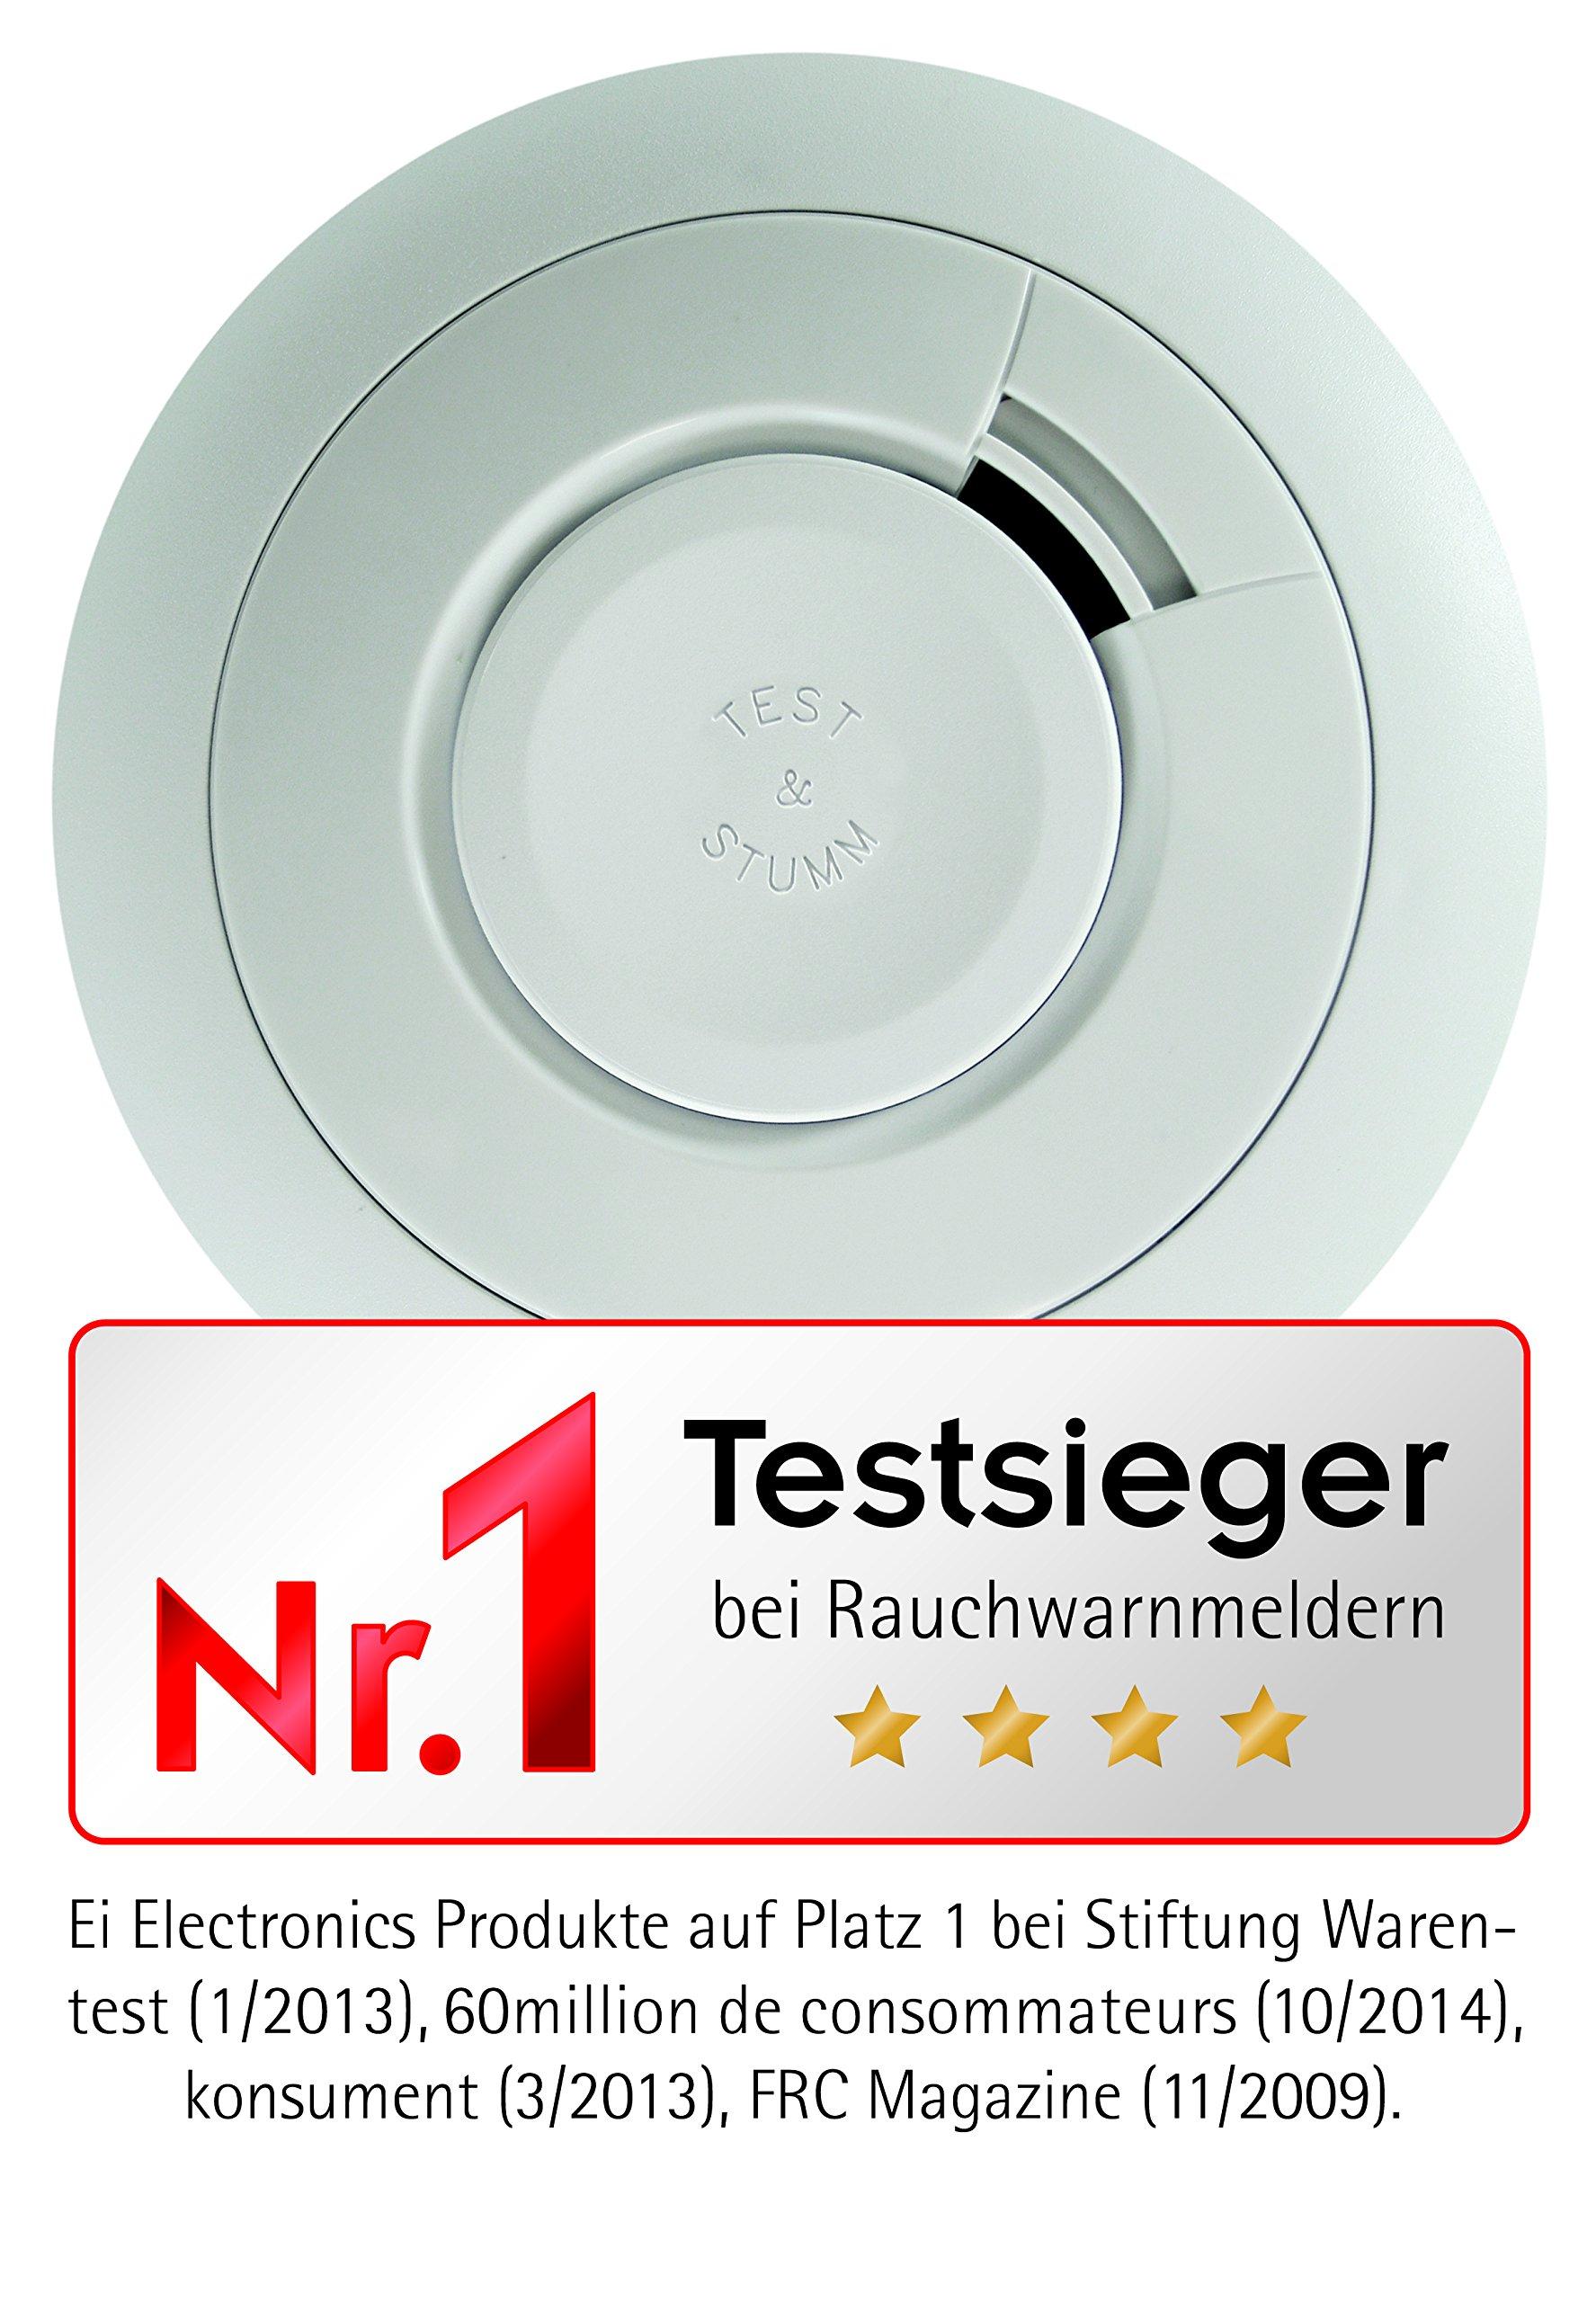 Ei Electronics Ei650 10-Jahres-Rauchwarnmelder, Testsieger Stiftung-Warentest, 1 Stück